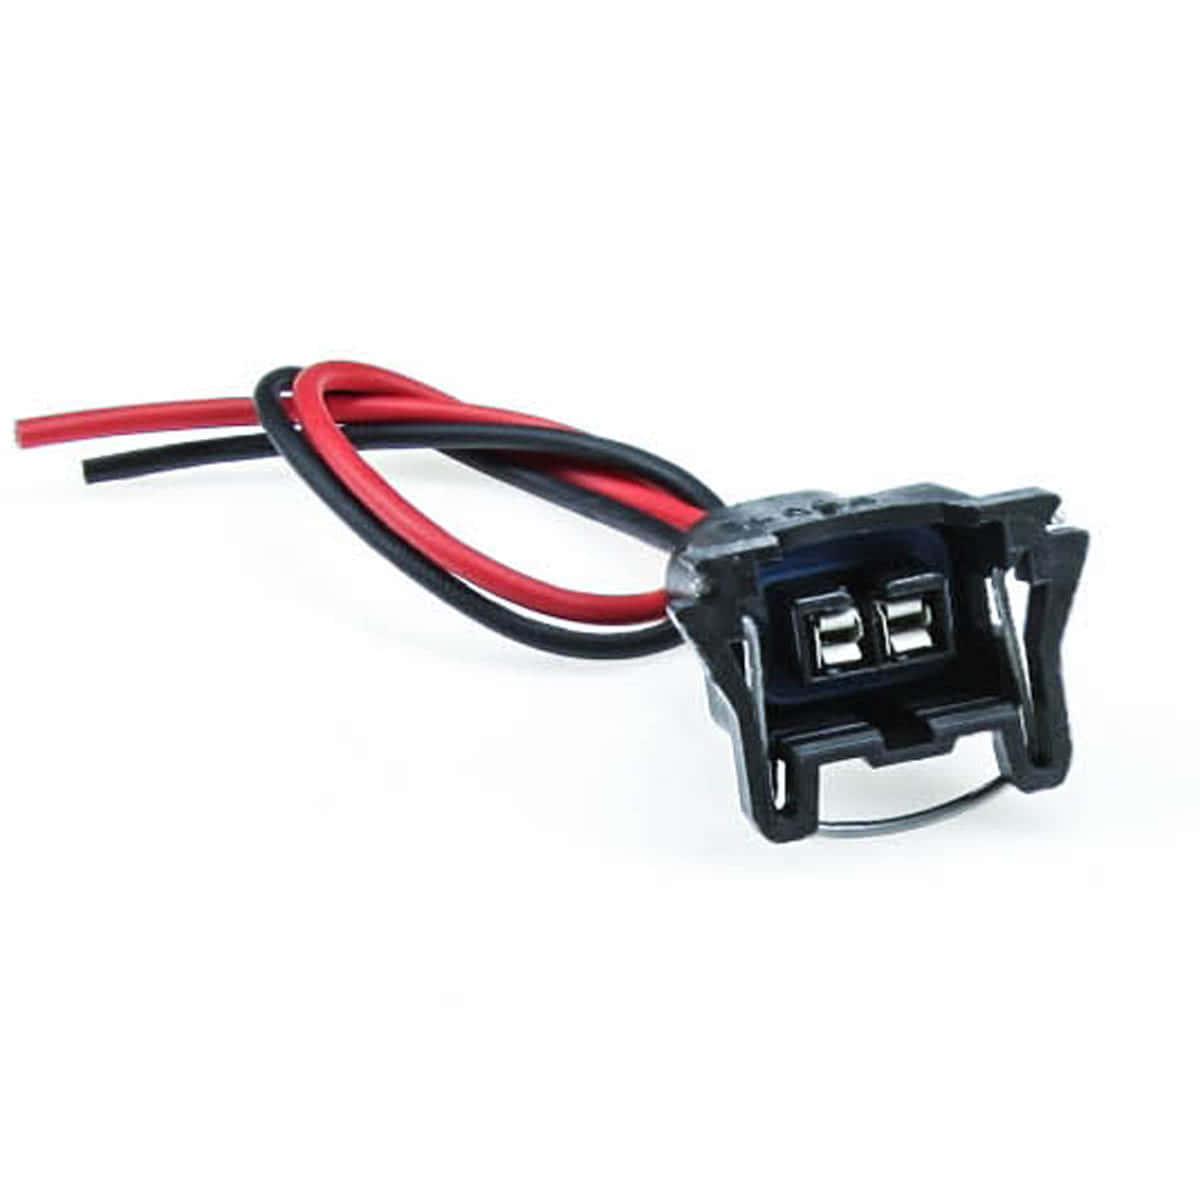 gm fuel injectors wiring connectors automotive fuel